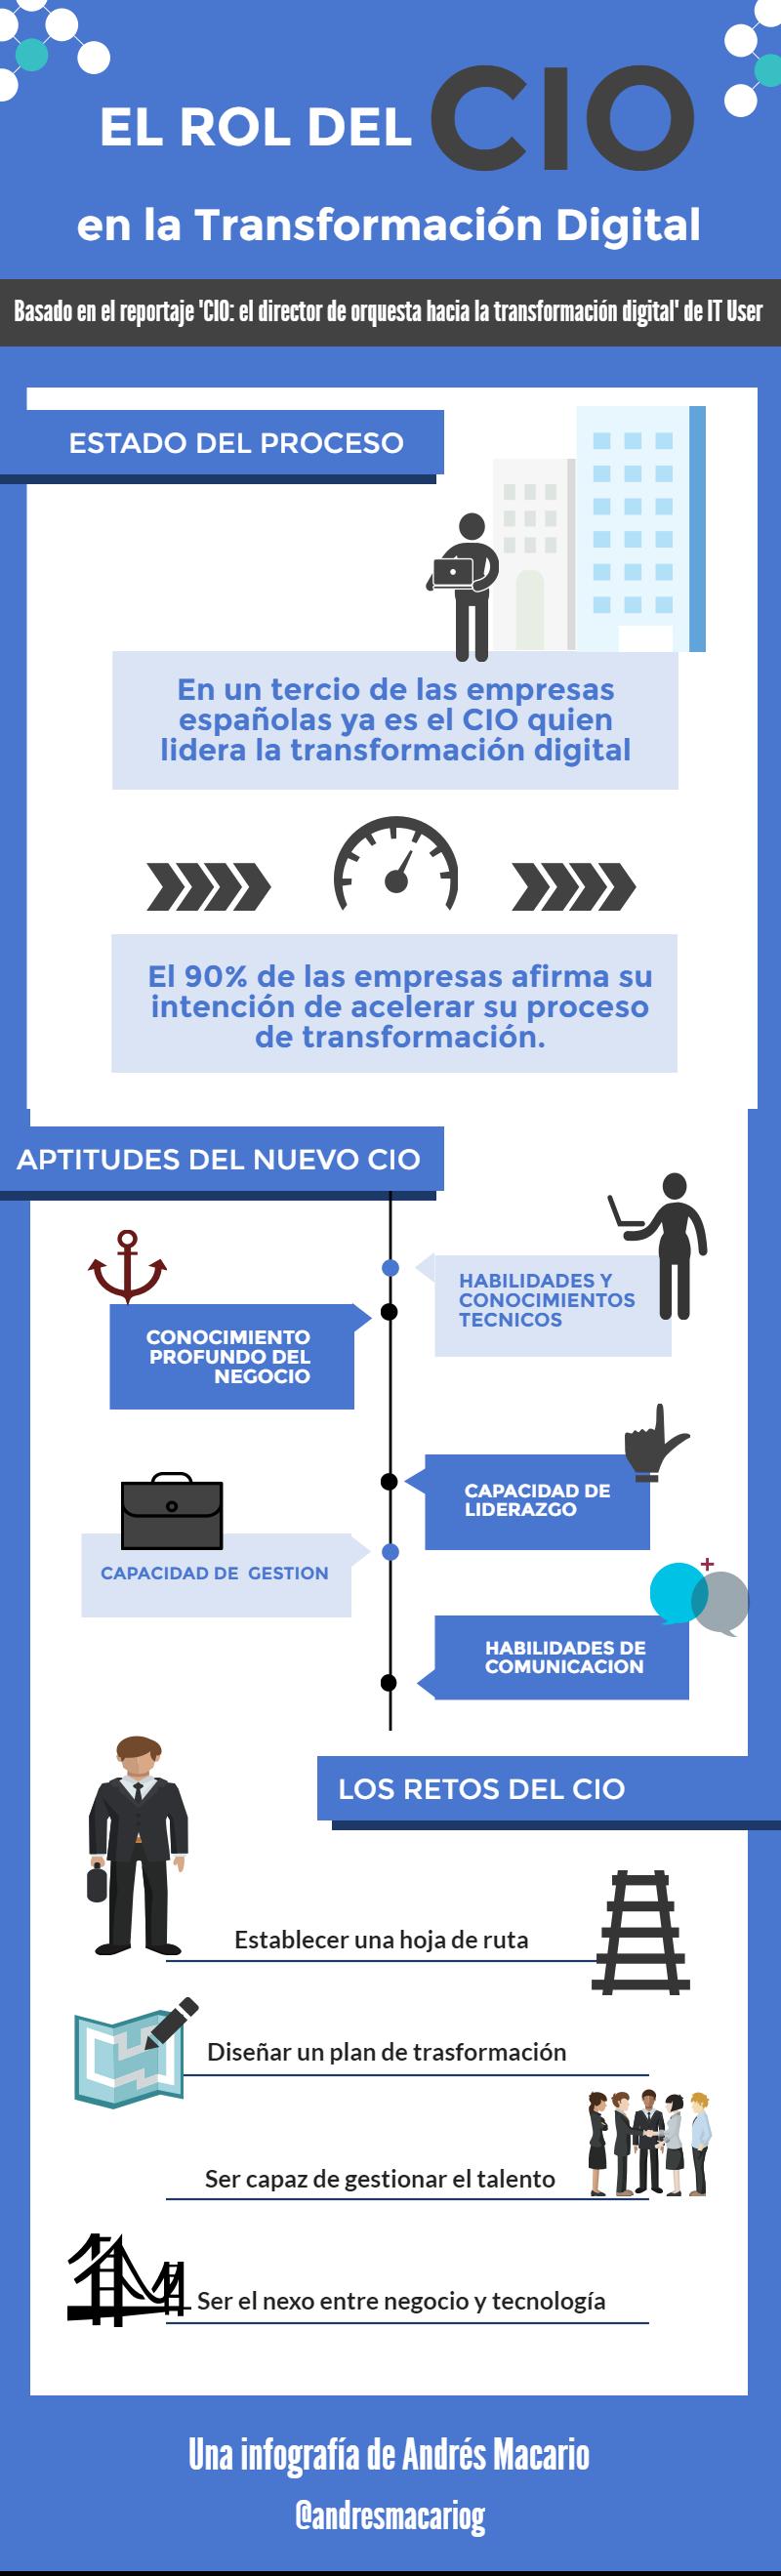 El rol del CIO en la transformacion digital-Infografia Andres Macario